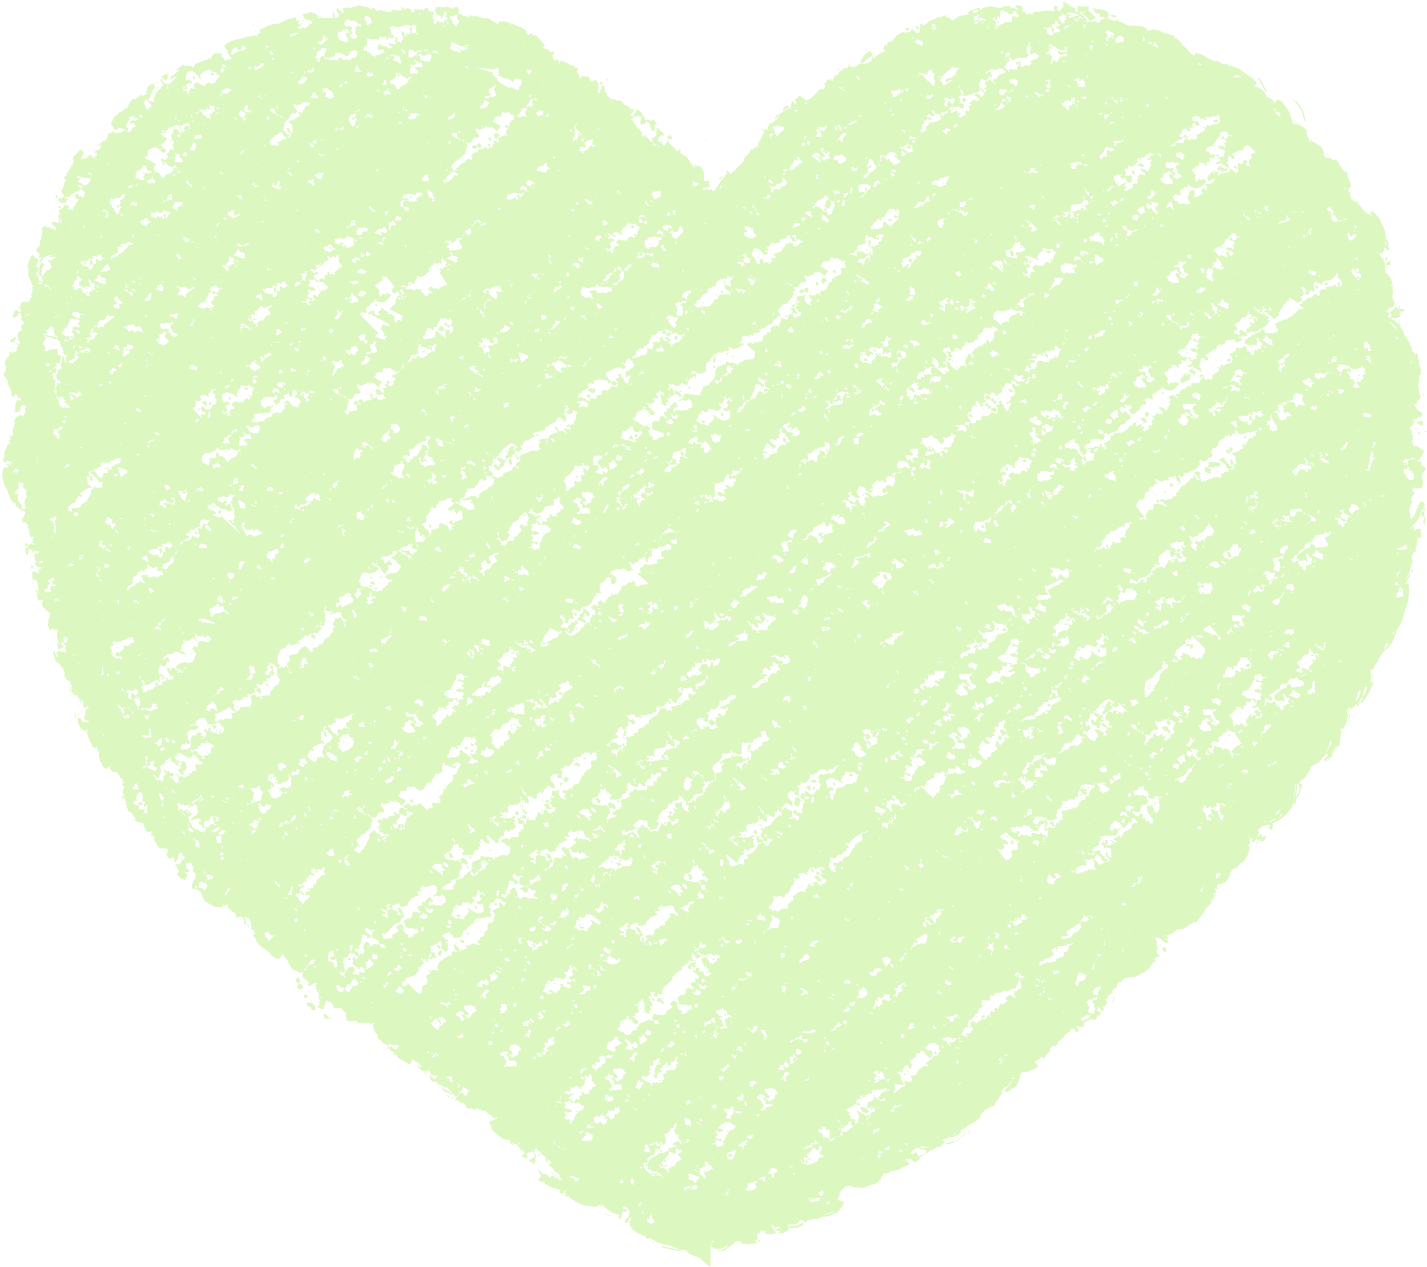 クレヨン塗り背景 パステル 黄緑色 新(イエローグリーン)ハートのイラスト heart_yellowgreen